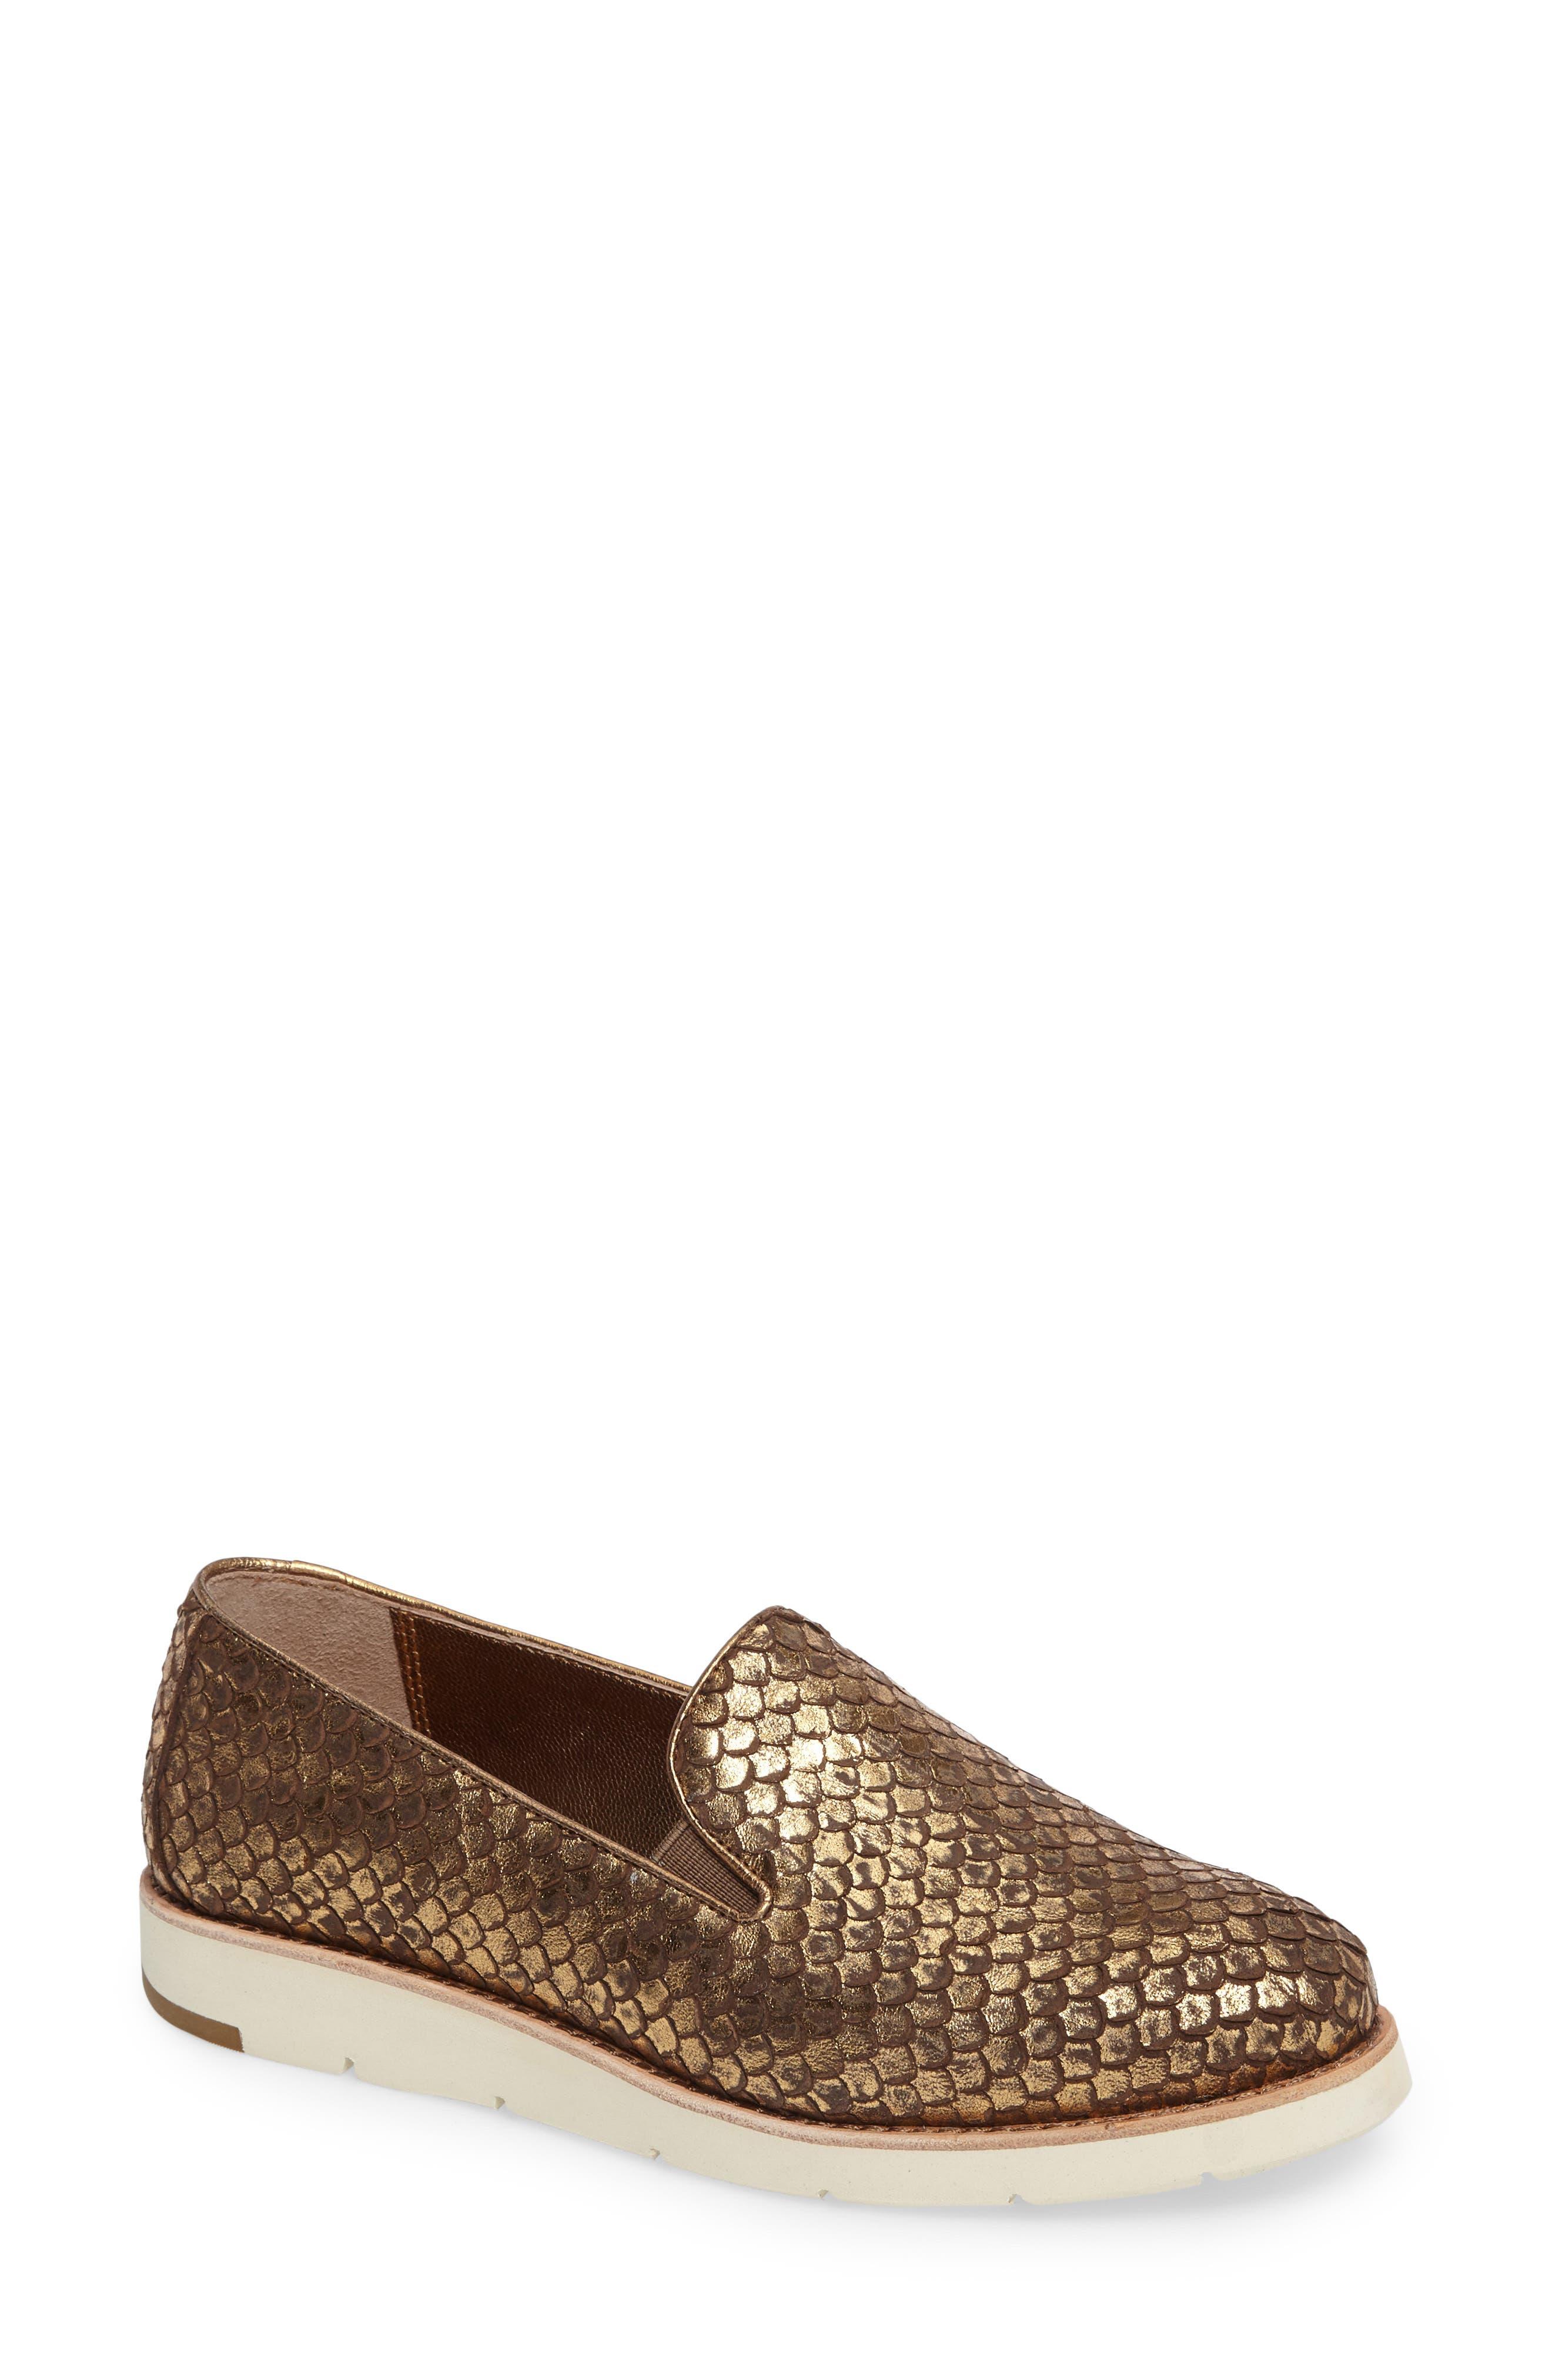 JOHNSTON & MURPHY Paulette Slip-On Sneaker